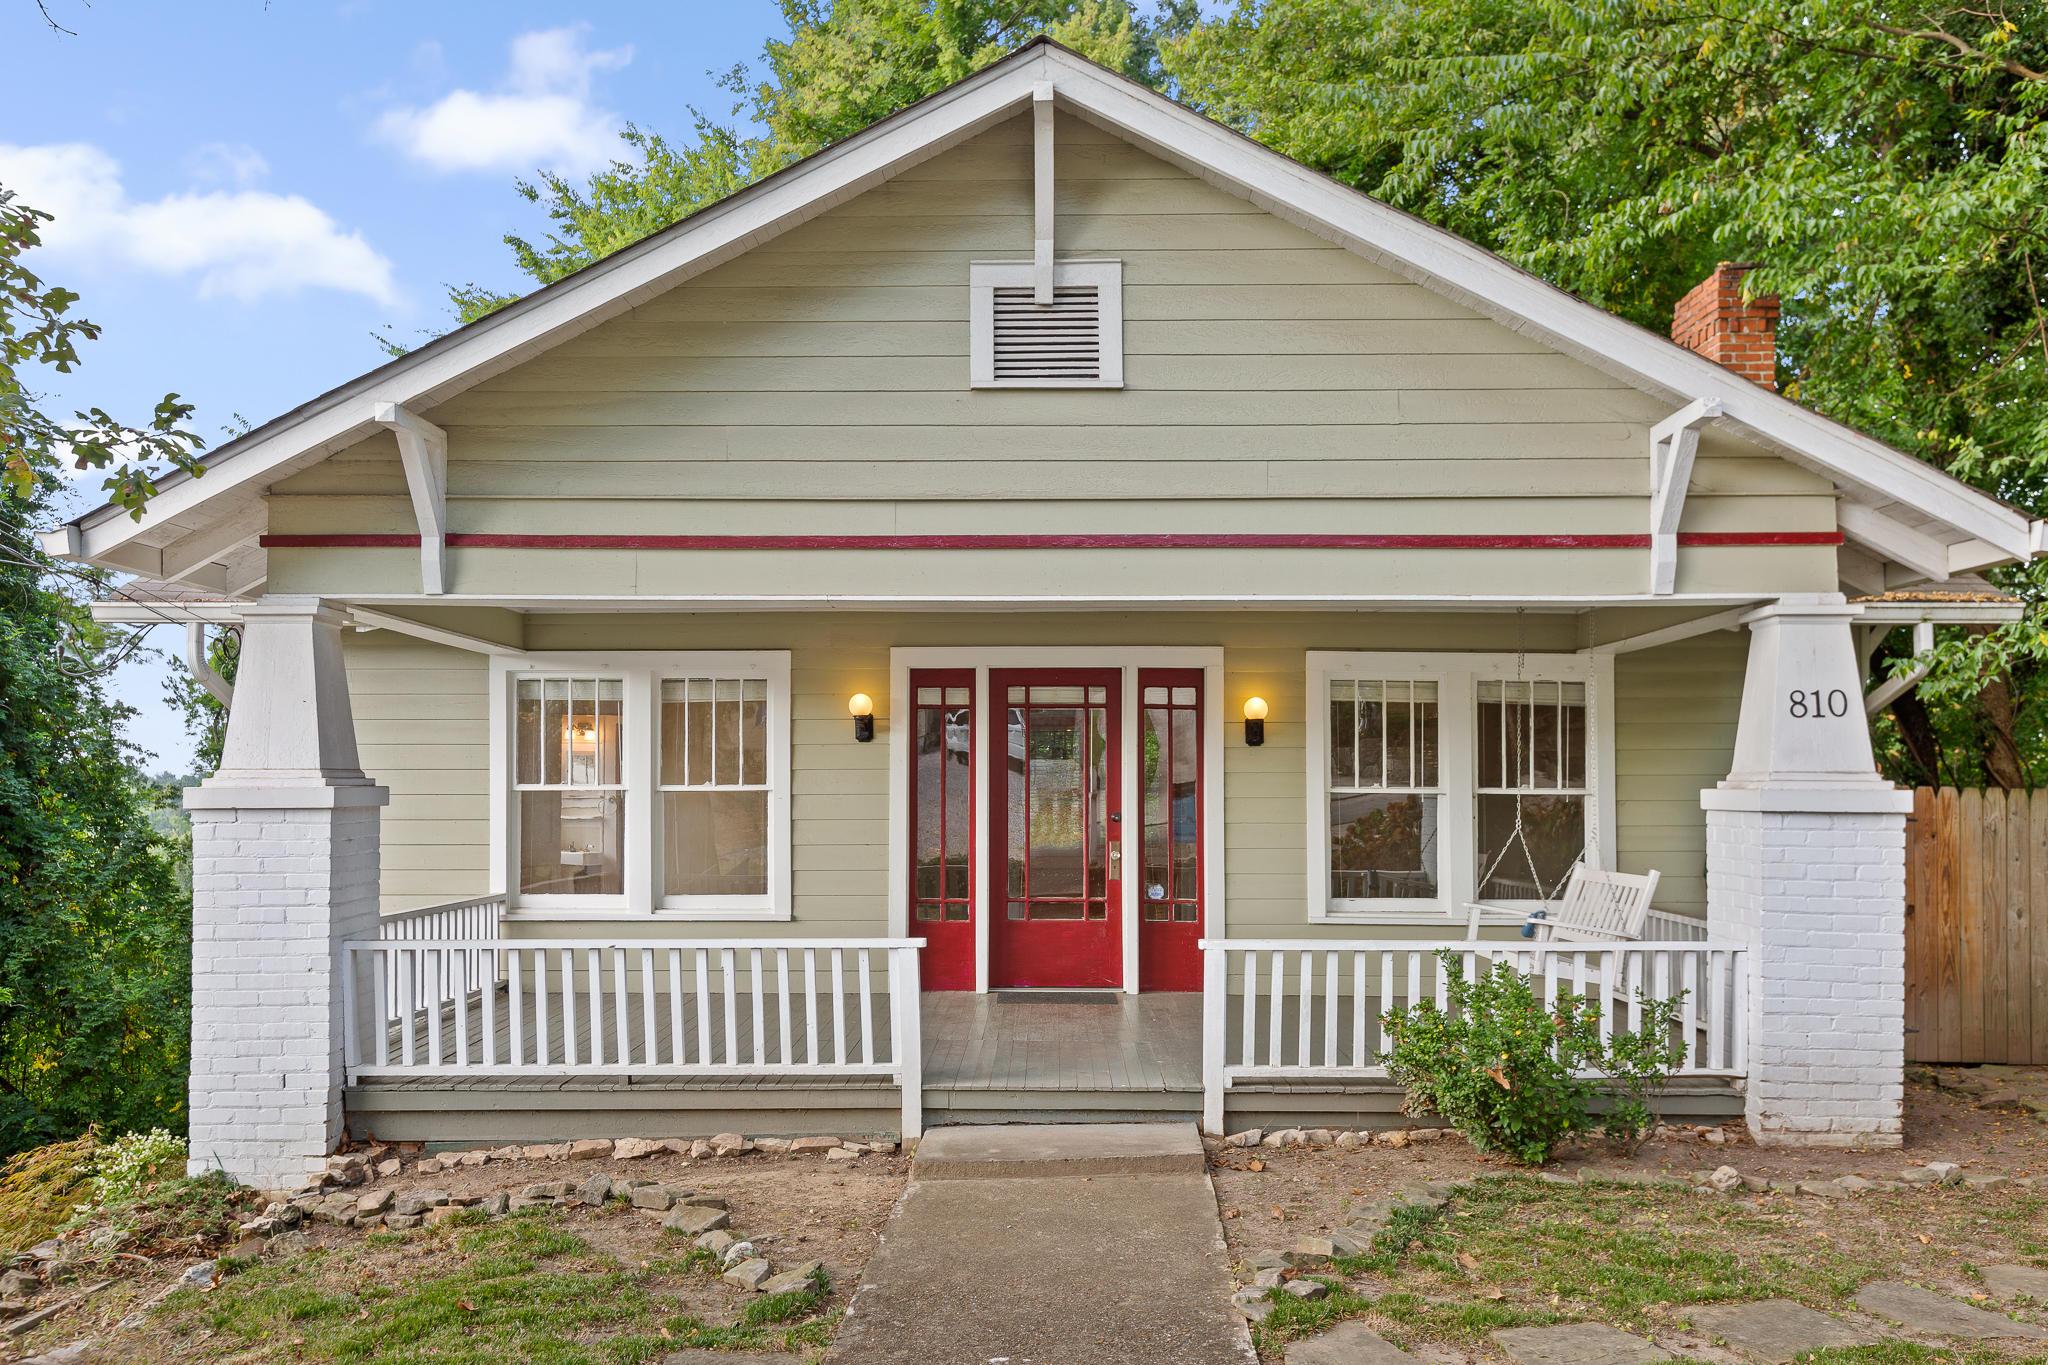 810 Mount Vernon Cir, Chattanooga, TN 37405